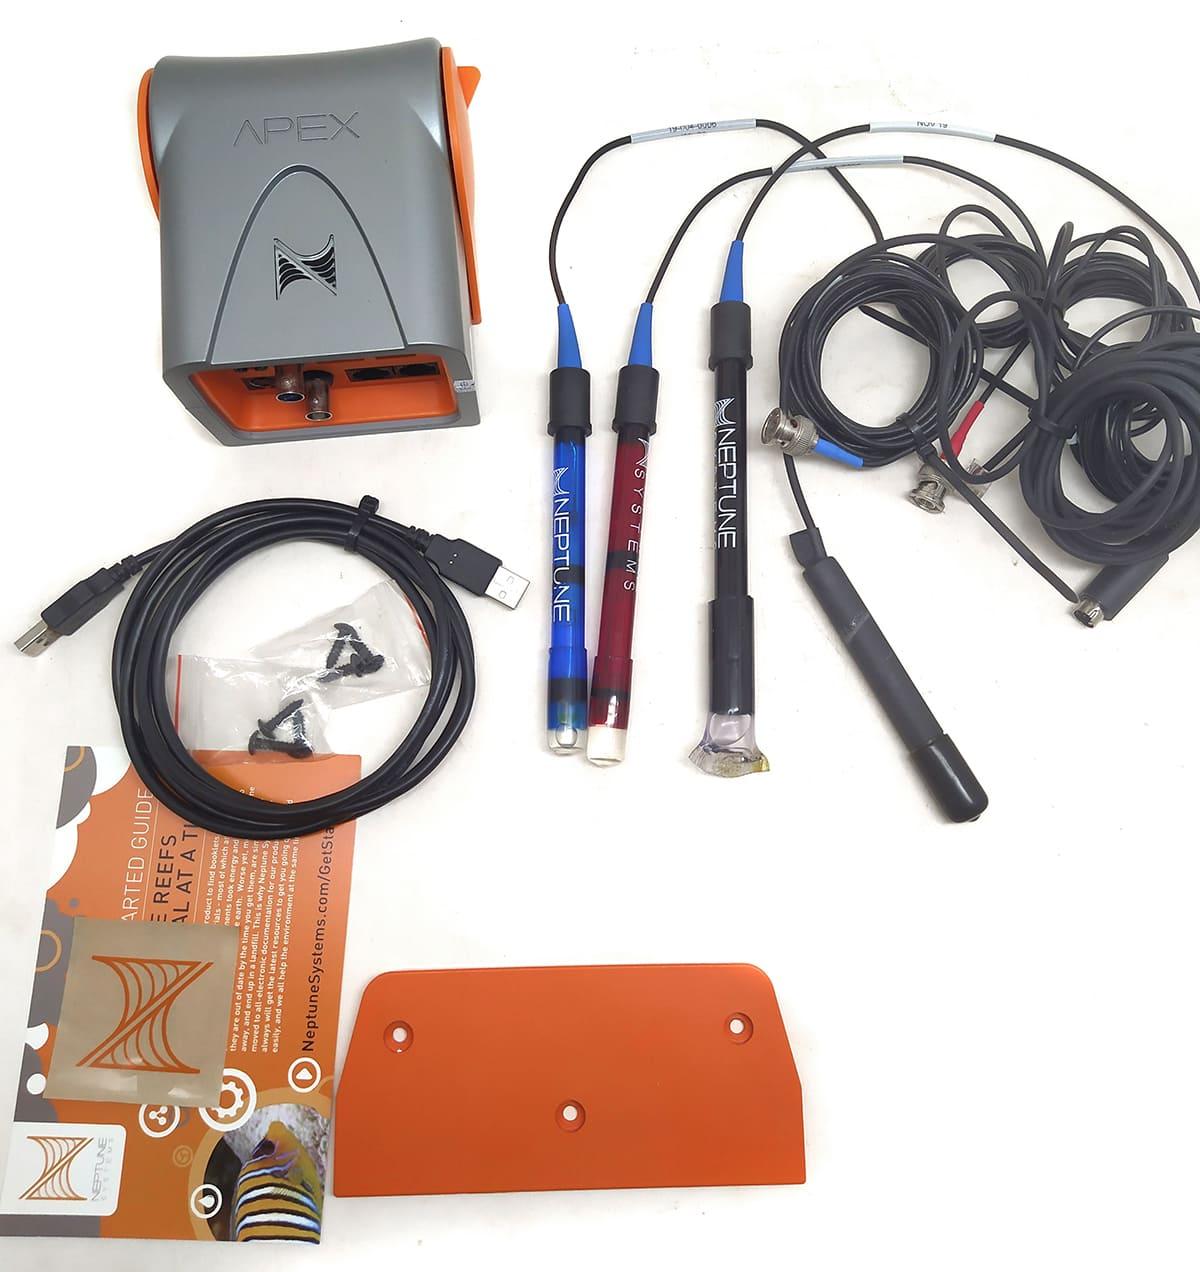 Sistema Controlador de Aquários Wifi Apex Neptune Systems